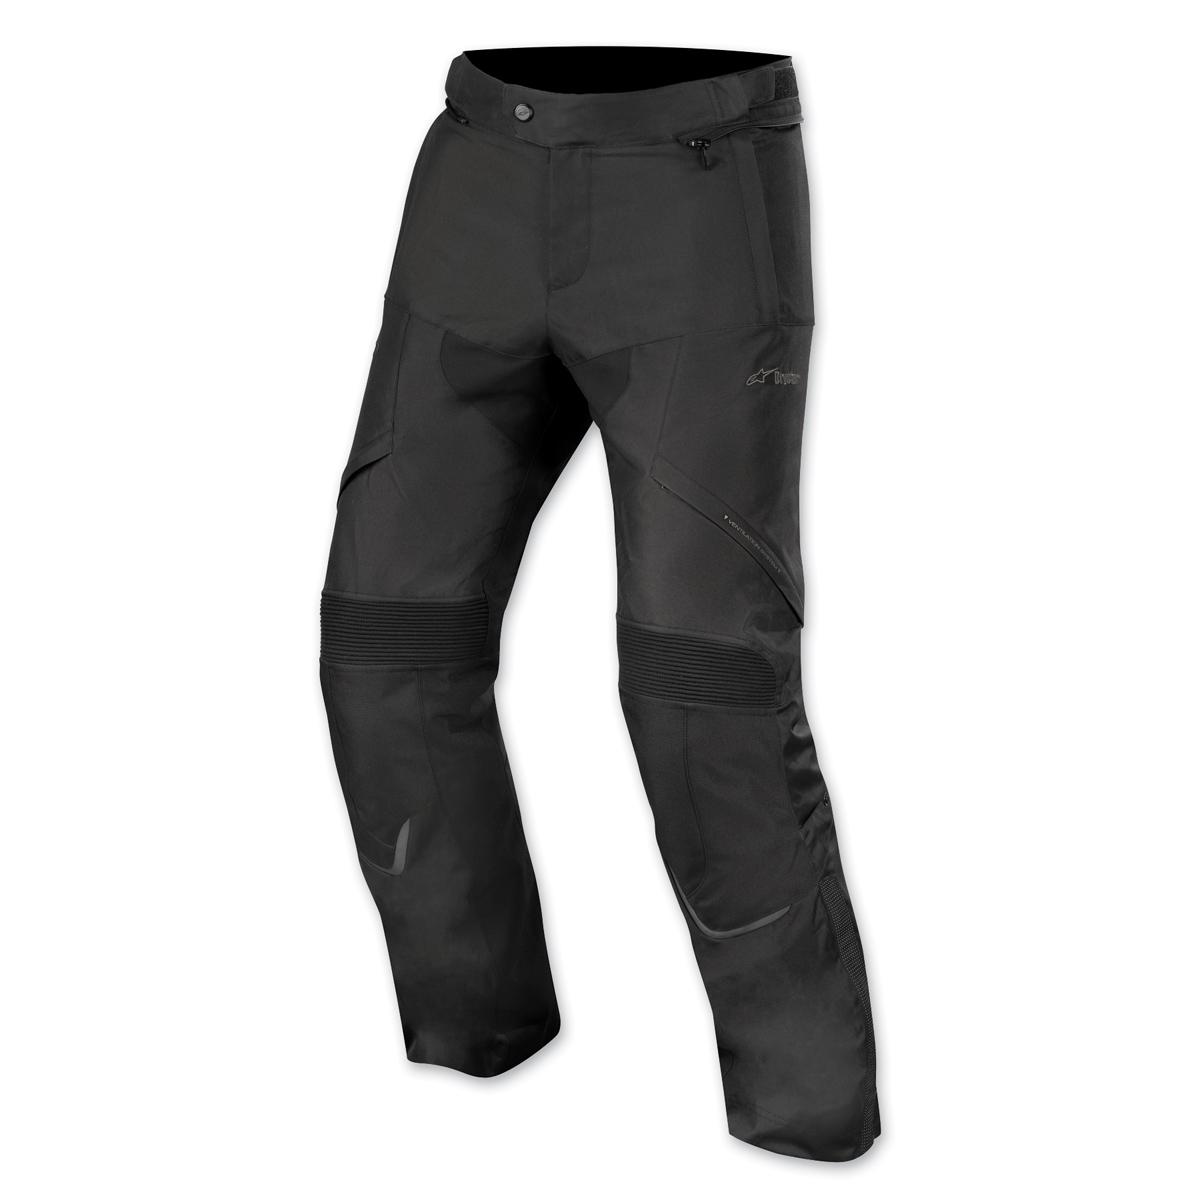 Alpinestars Men's Hyper Drystar Black Pants